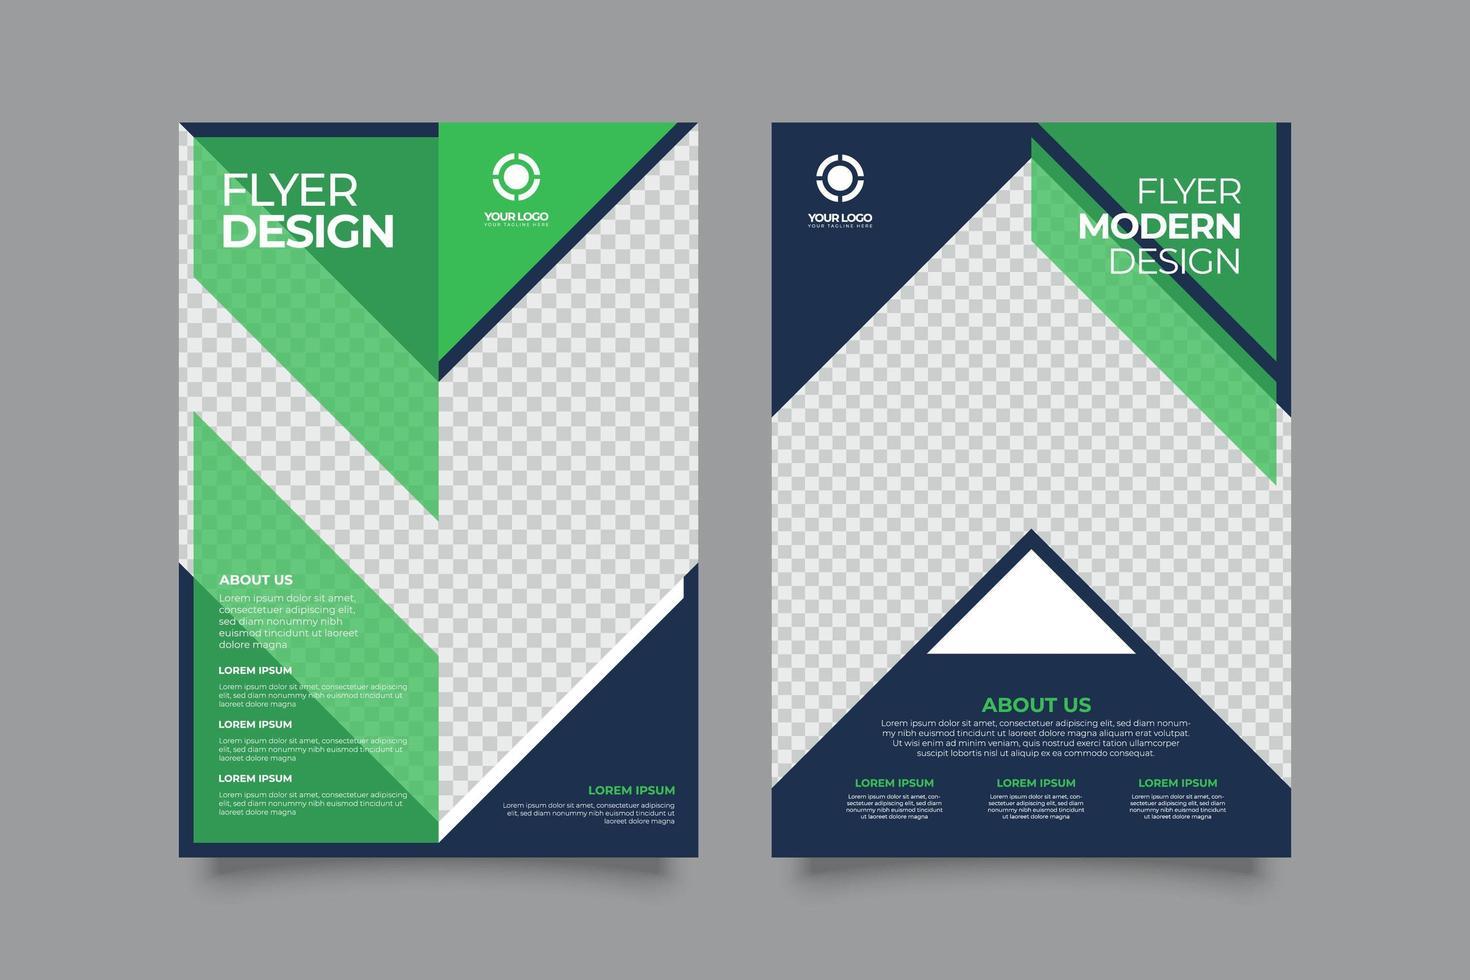 modèle de flyer entreprise moderne créative verte et bleue vecteur